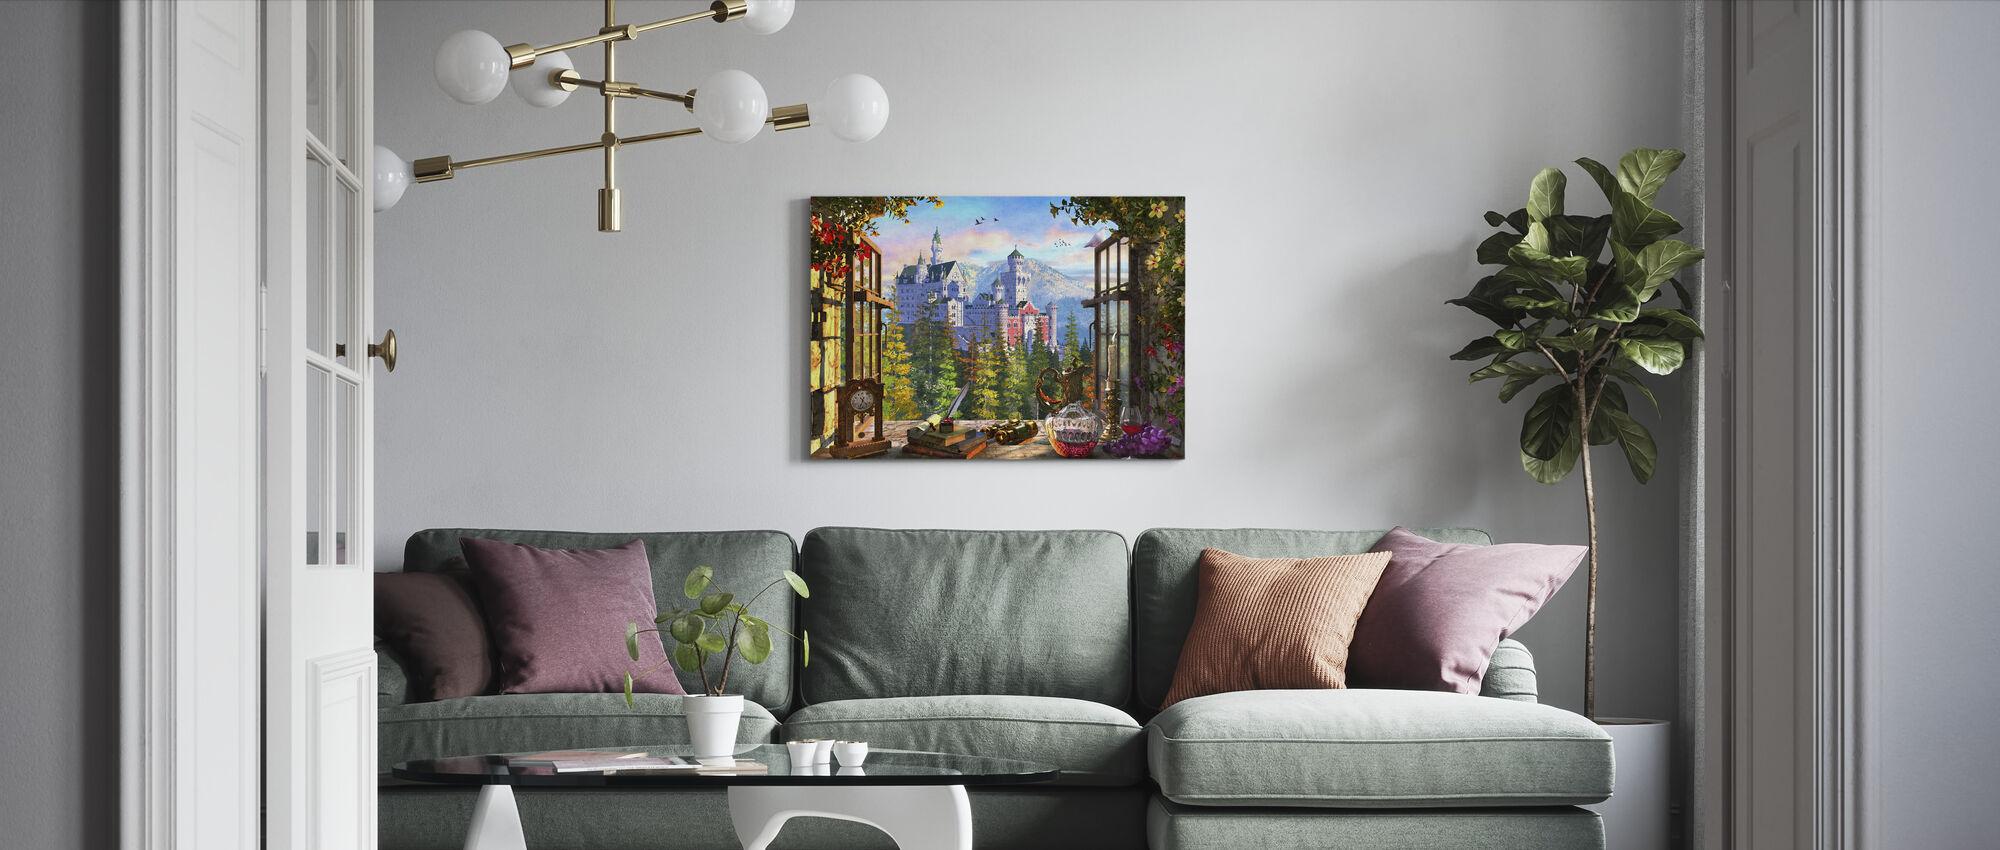 Vuoren linna ikkunan läpi - Canvastaulu - Olohuone